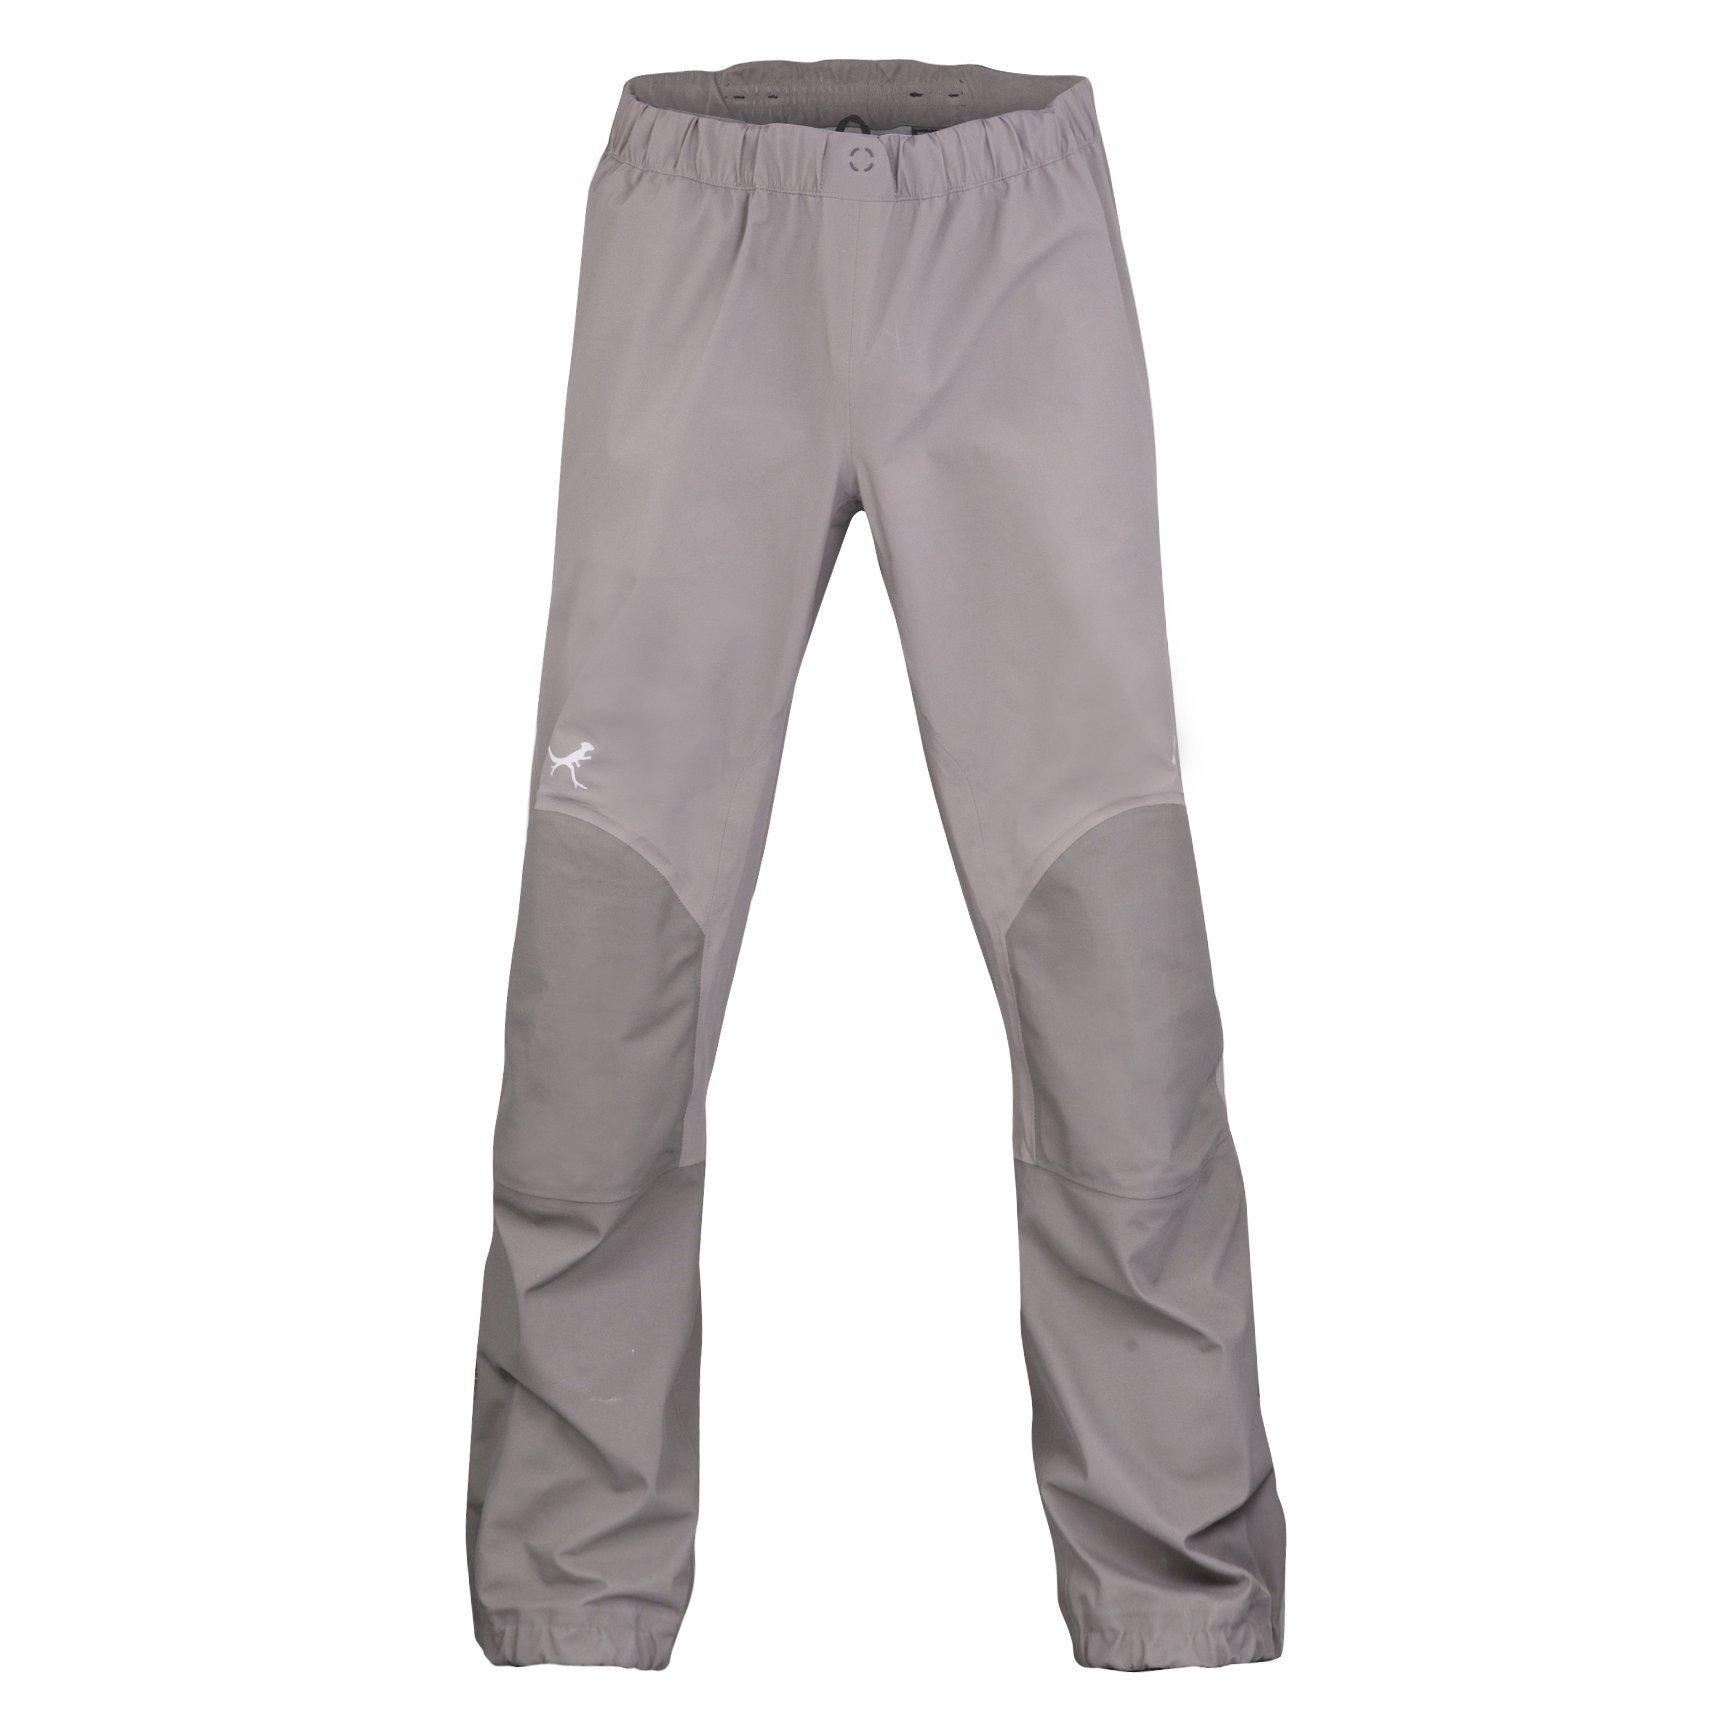 mosko-moto-apparel-s-deluge-pant-11333198577725_2000x.jpg